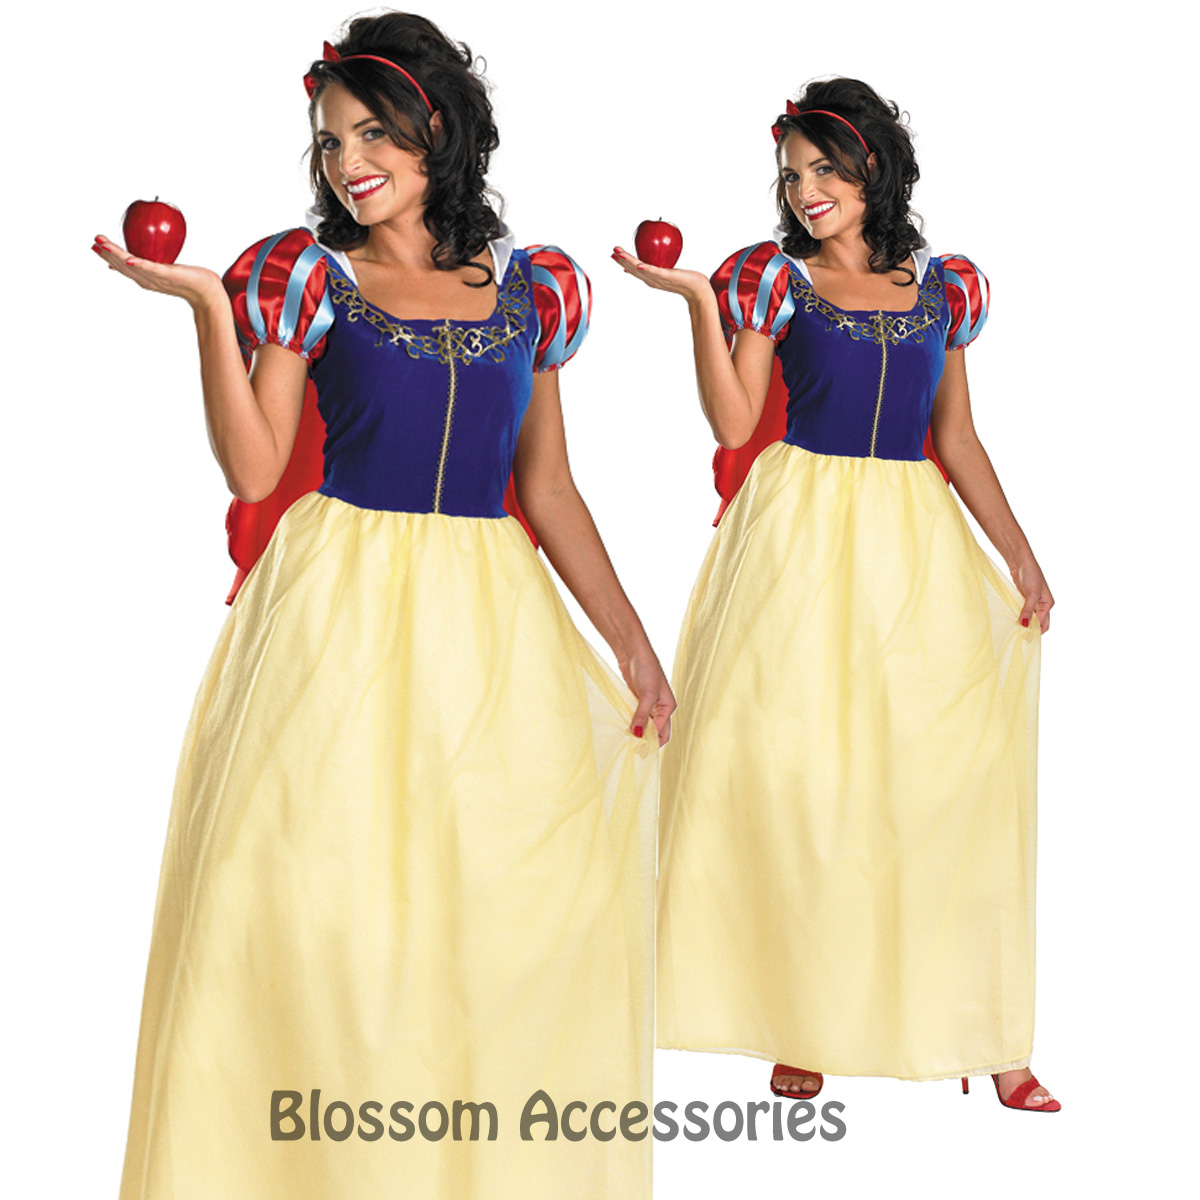 HD wallpapers plus size disney fancy dress ideas love ...